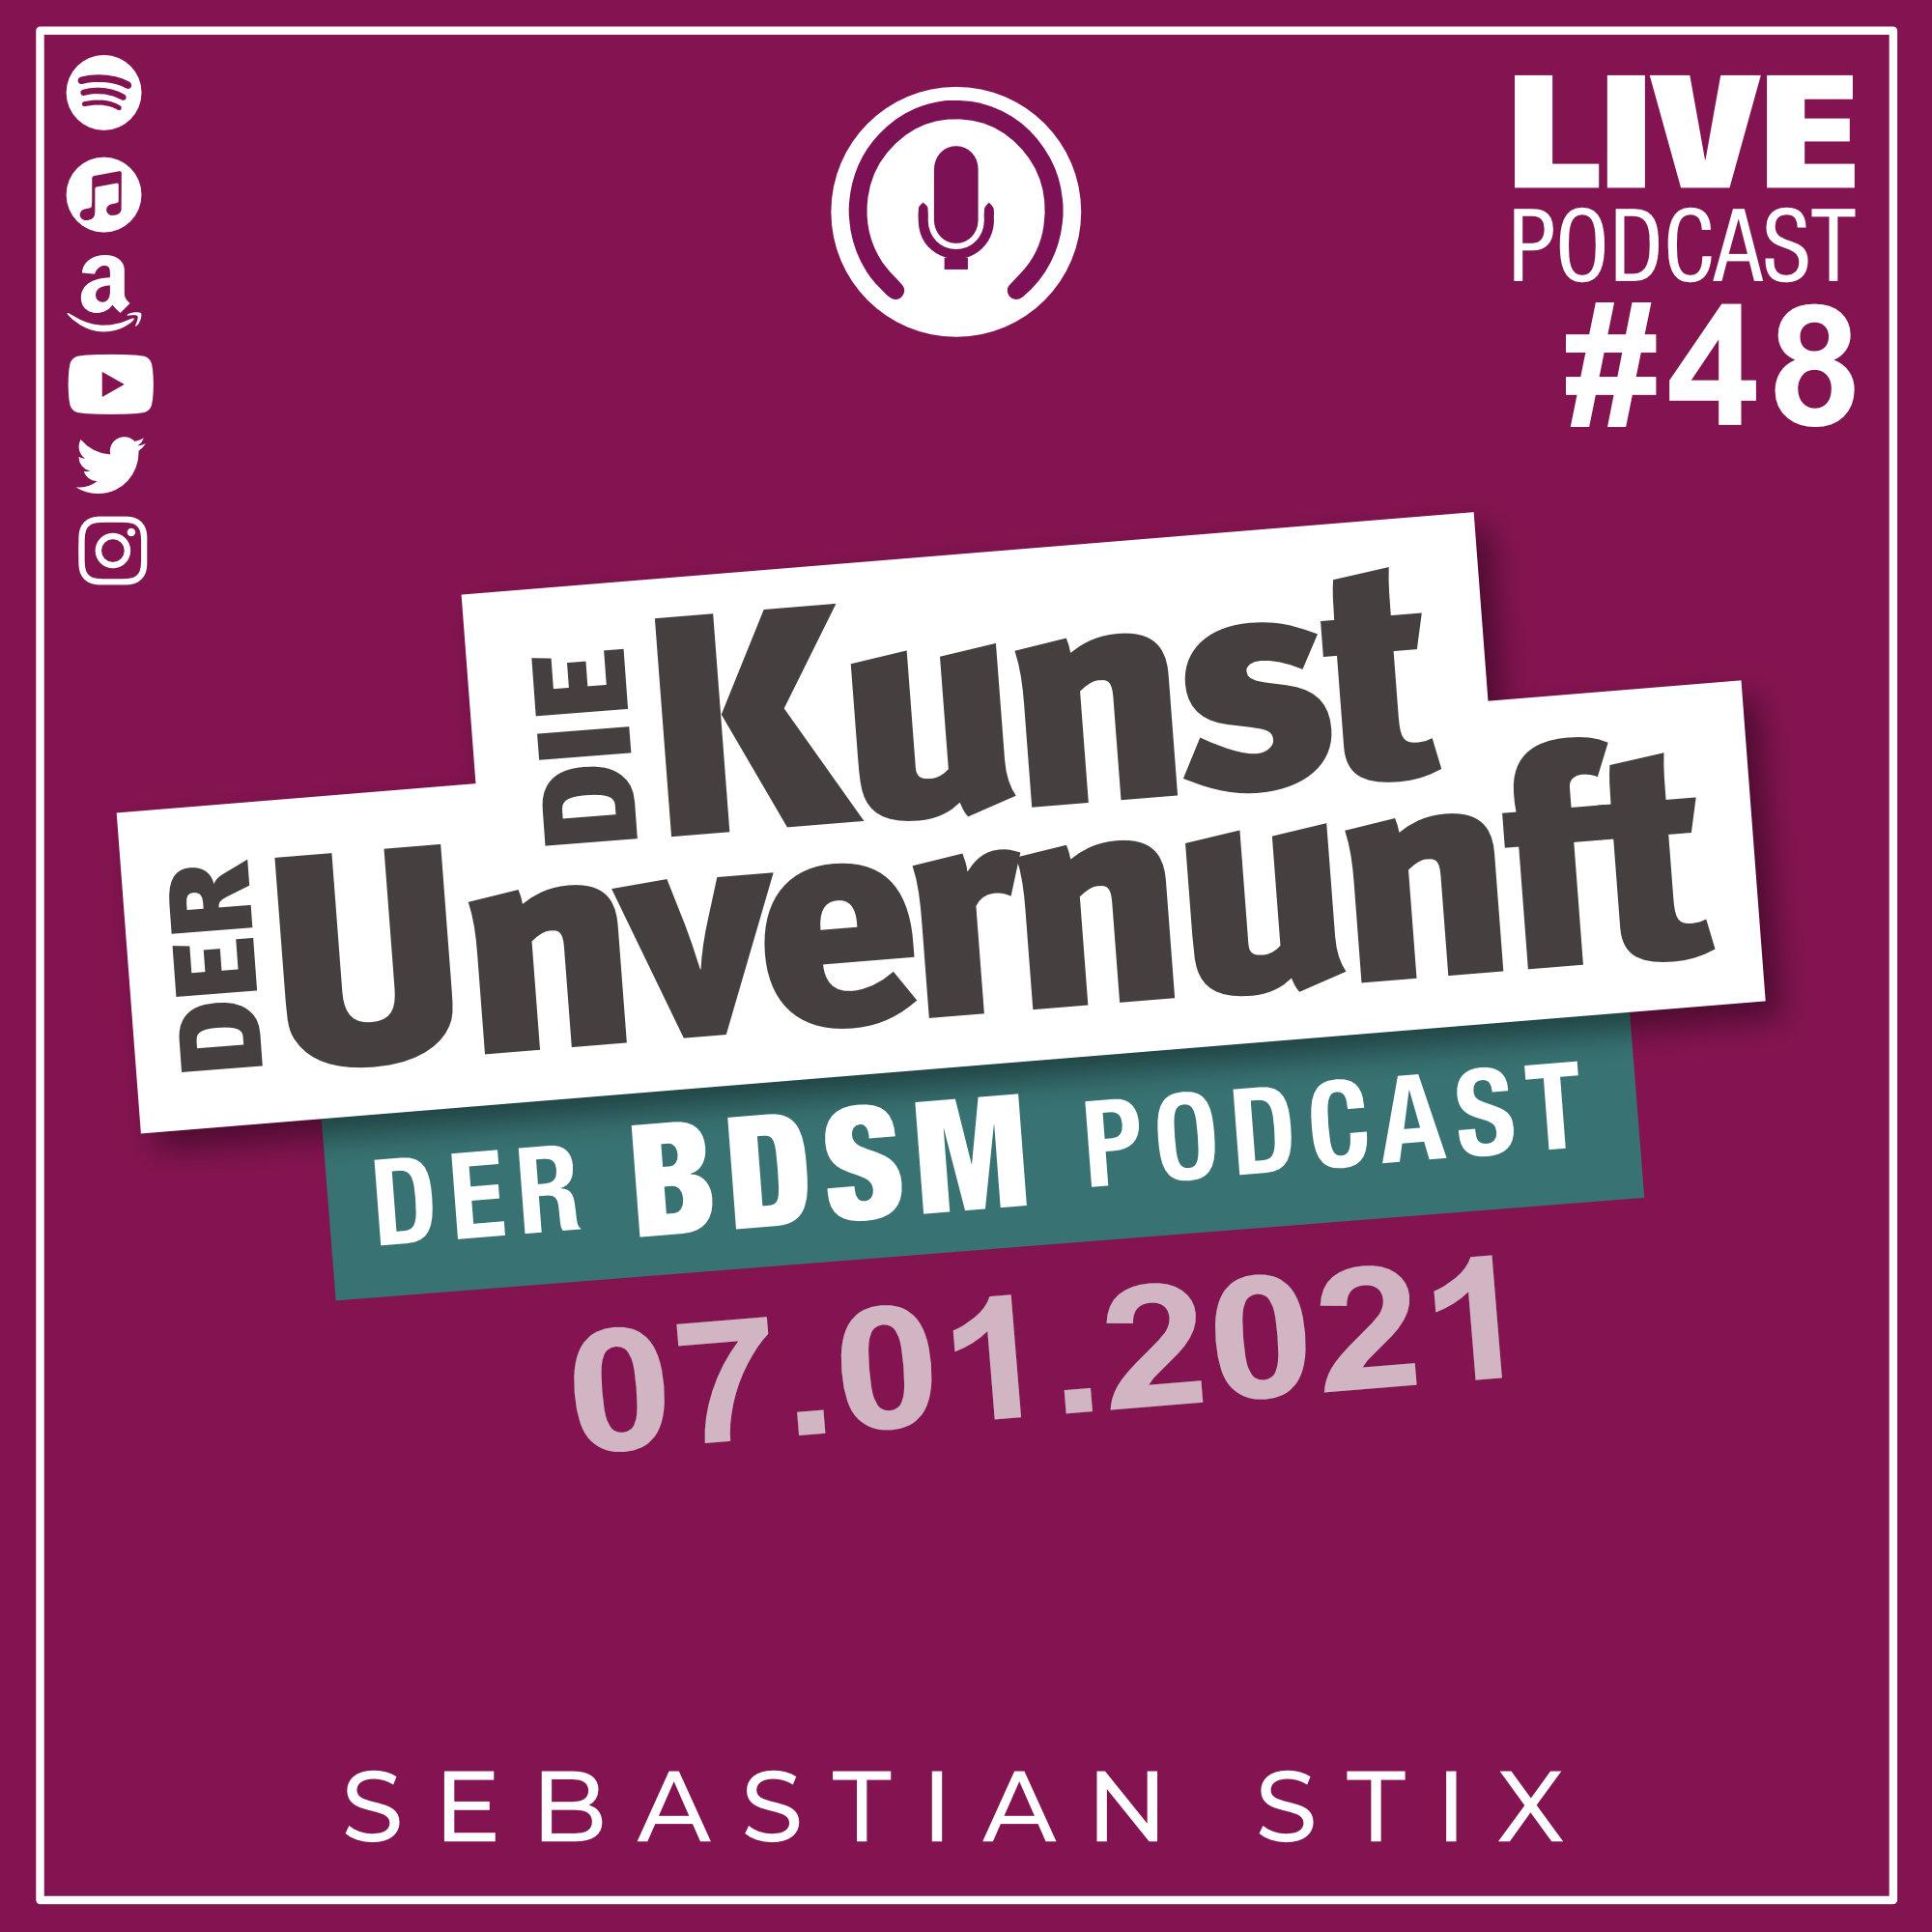 Unvernunft Live 07.01.2021 - Es geht weiter